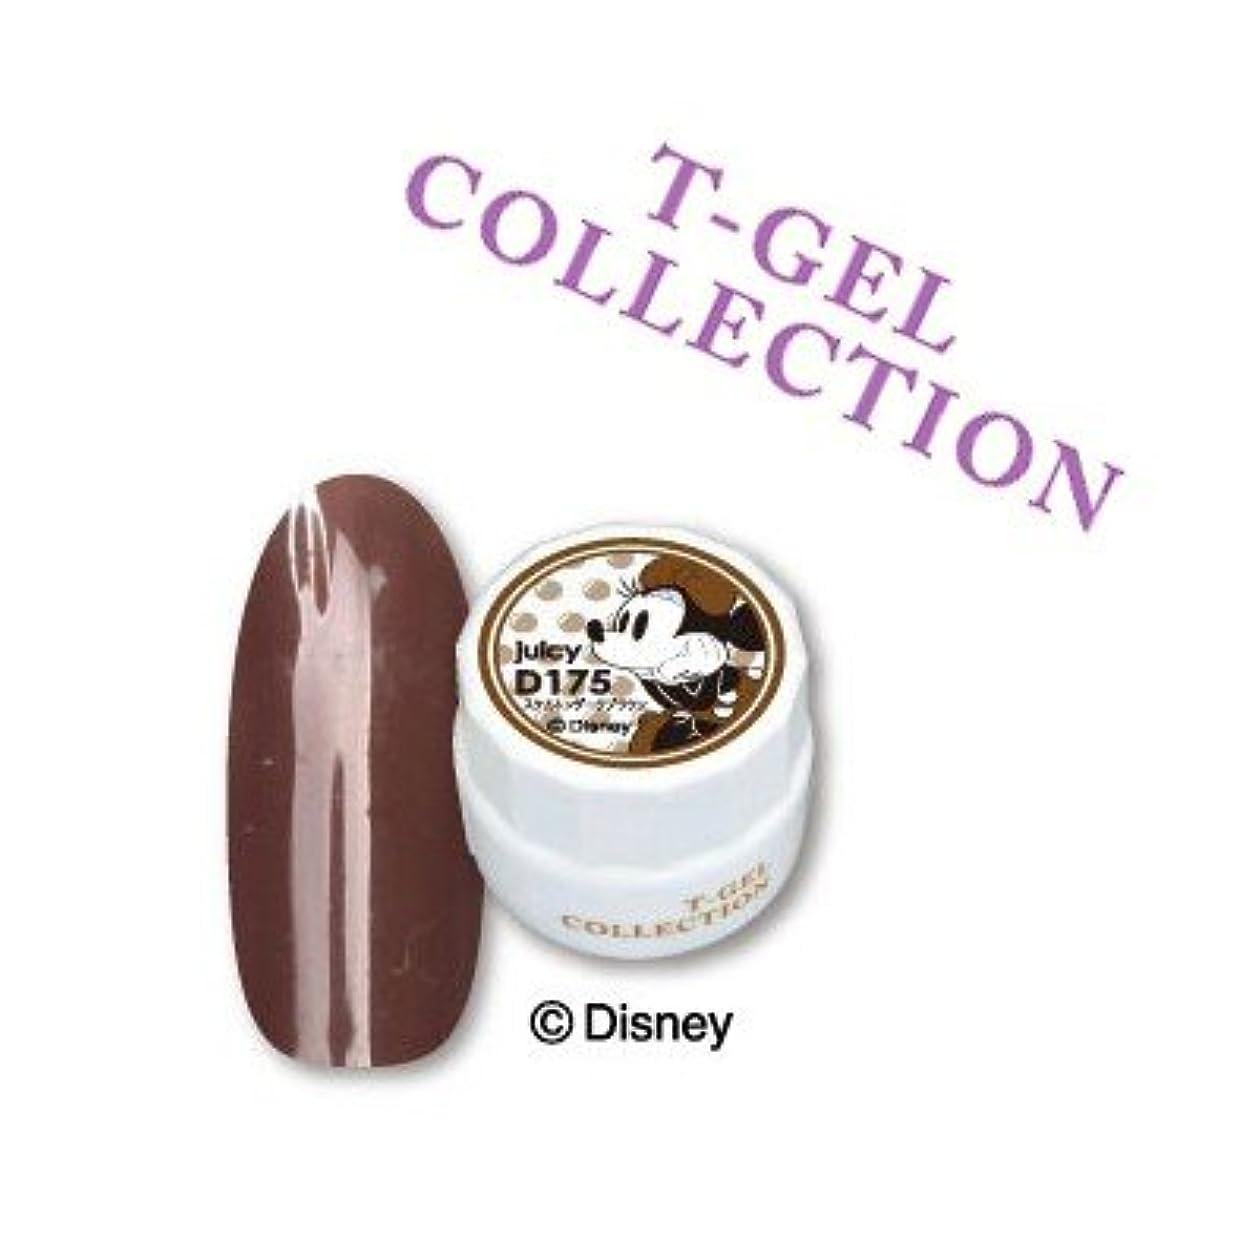 習字促す虎T-GEL COLLECTION カラージェル D175 スケルトンダークブラウン 4ml